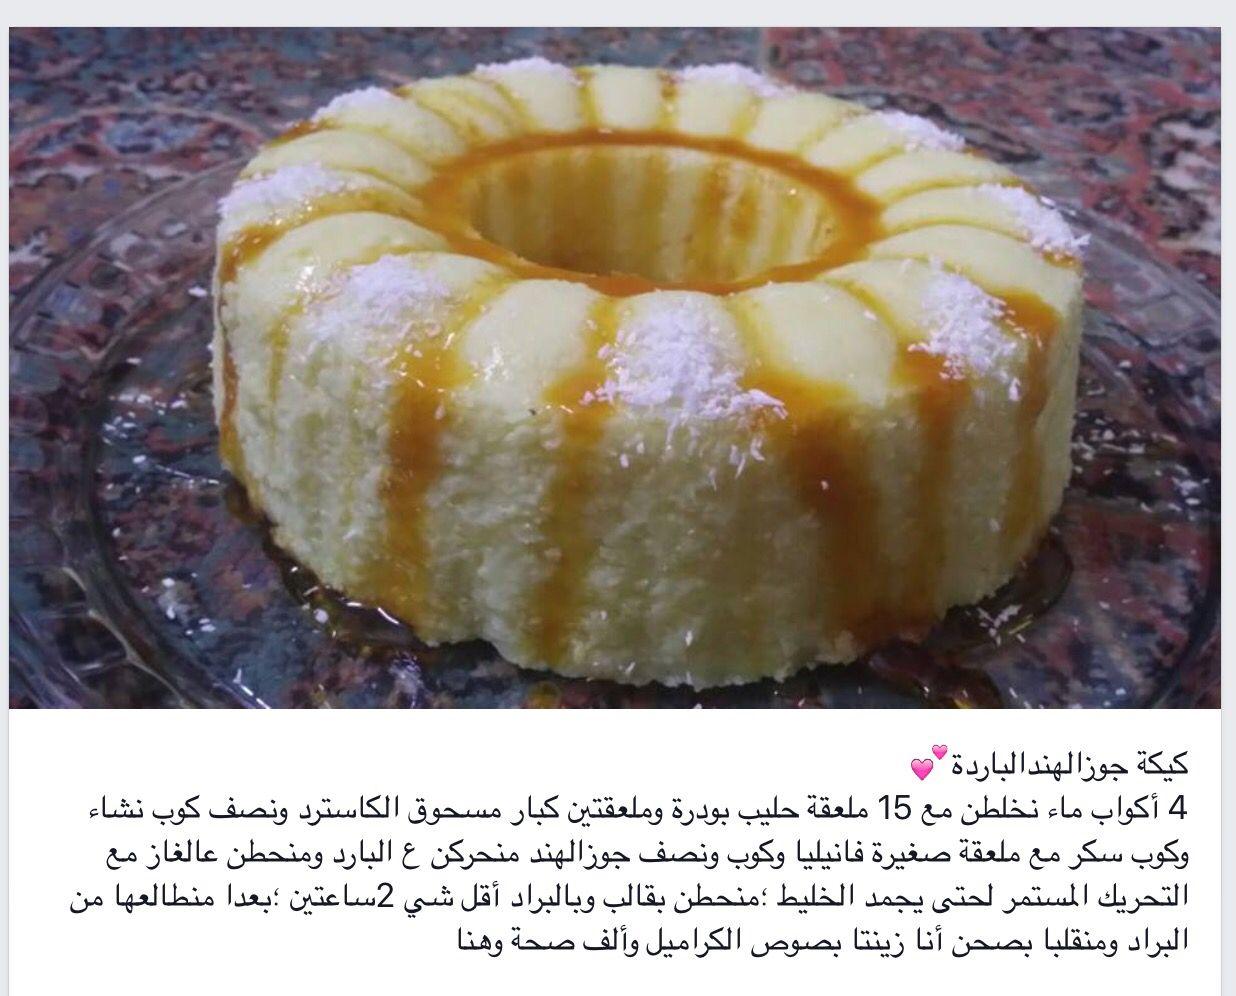 كيكة جوز الهند الباردة East Dessert Cold Desserts Arabic Food